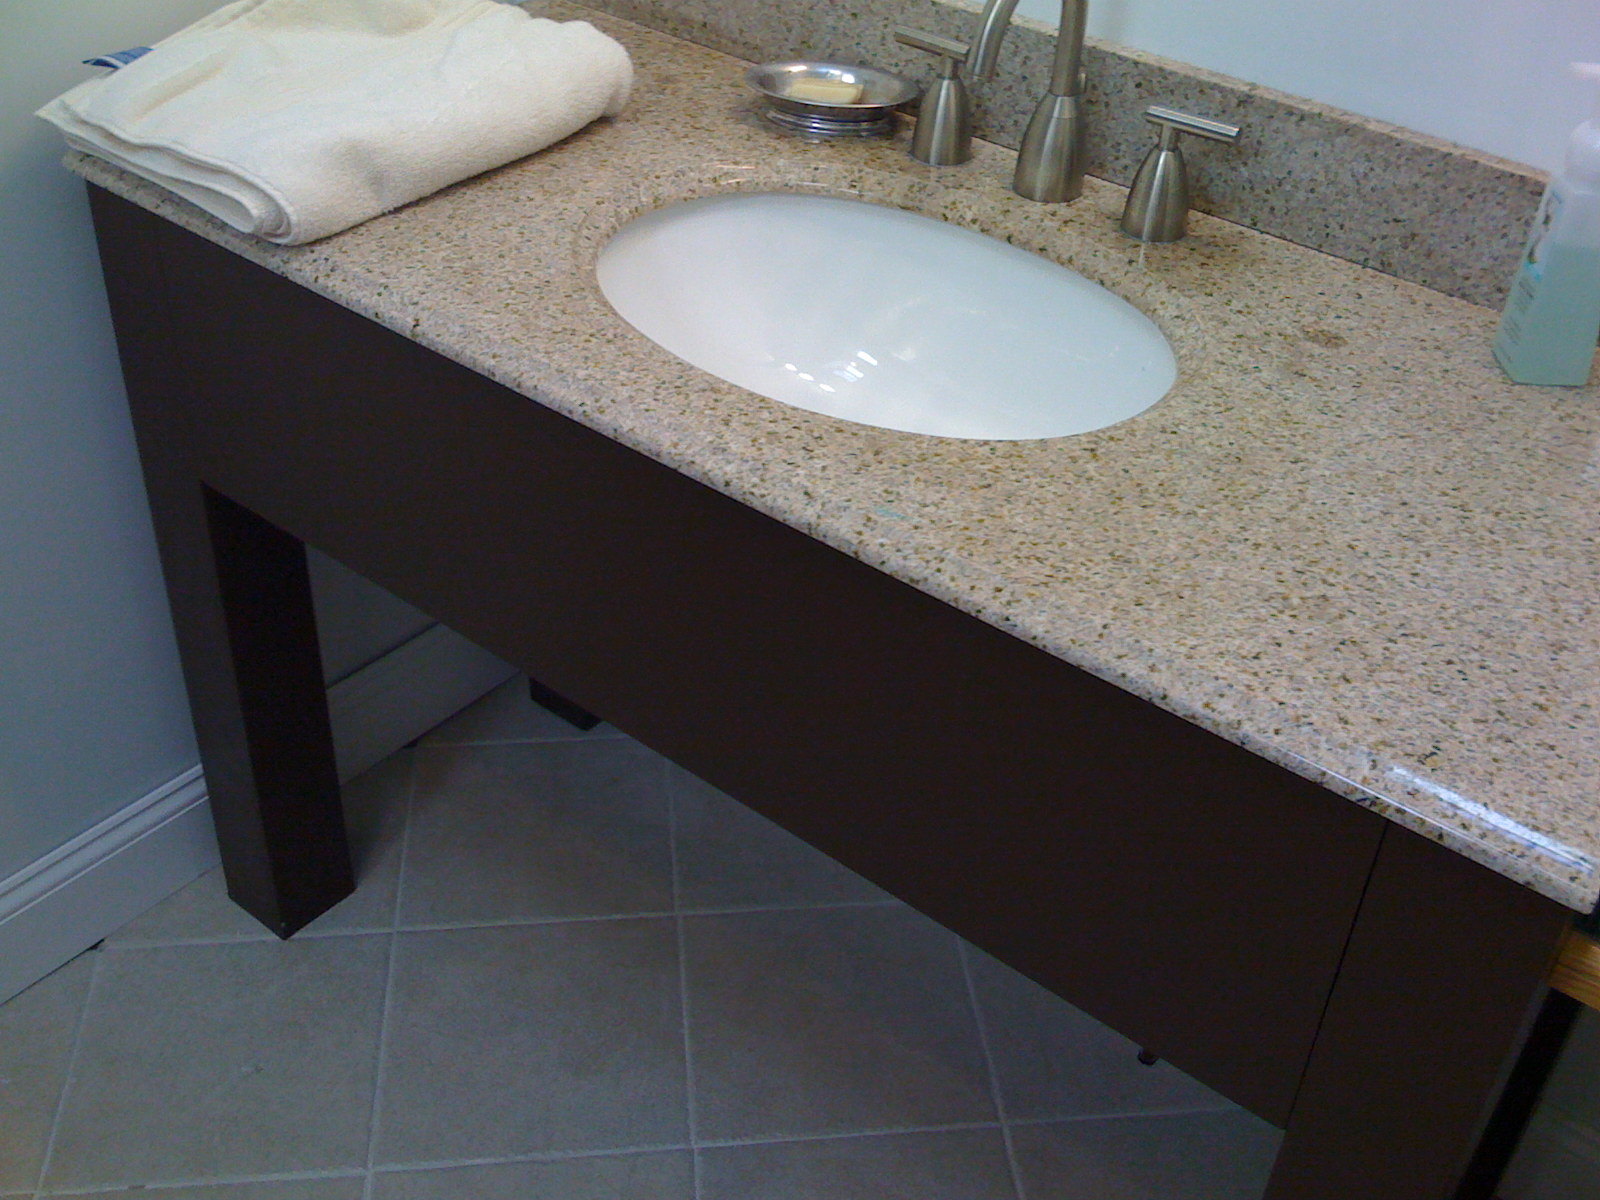 Marble Pegasus Vanity Tops With Wood Cabinet And Sink White Towel. Pegasus Vanity Tops   HomesFeed